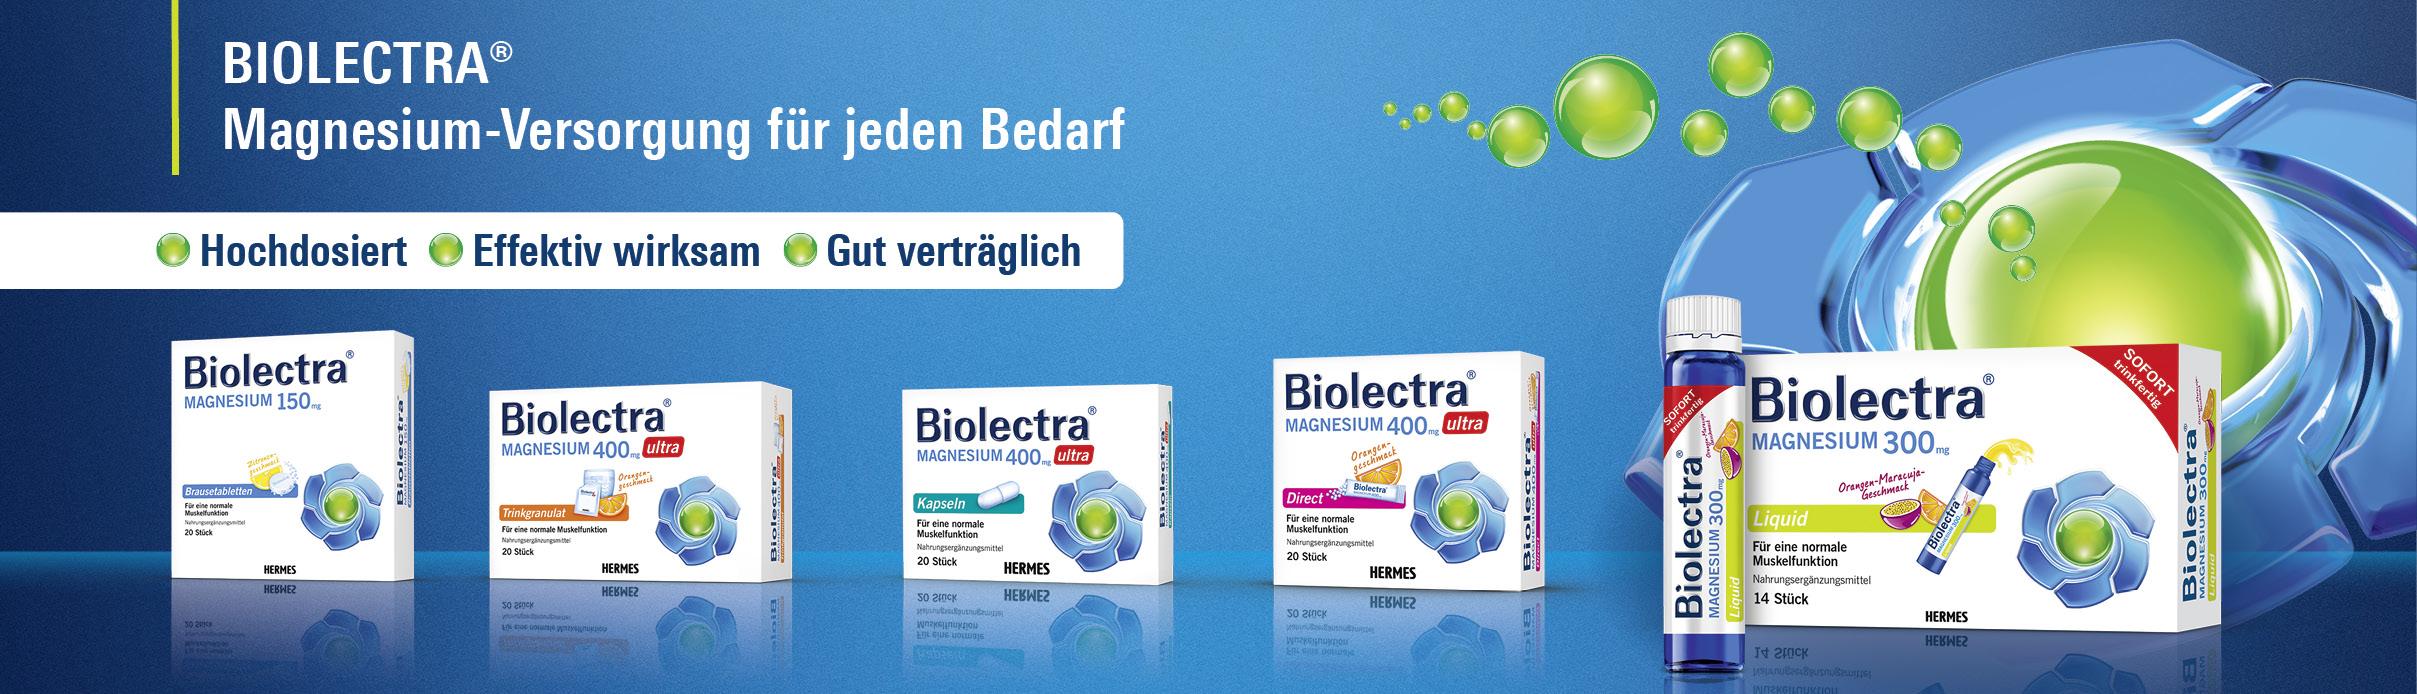 Biolectra Produktrange